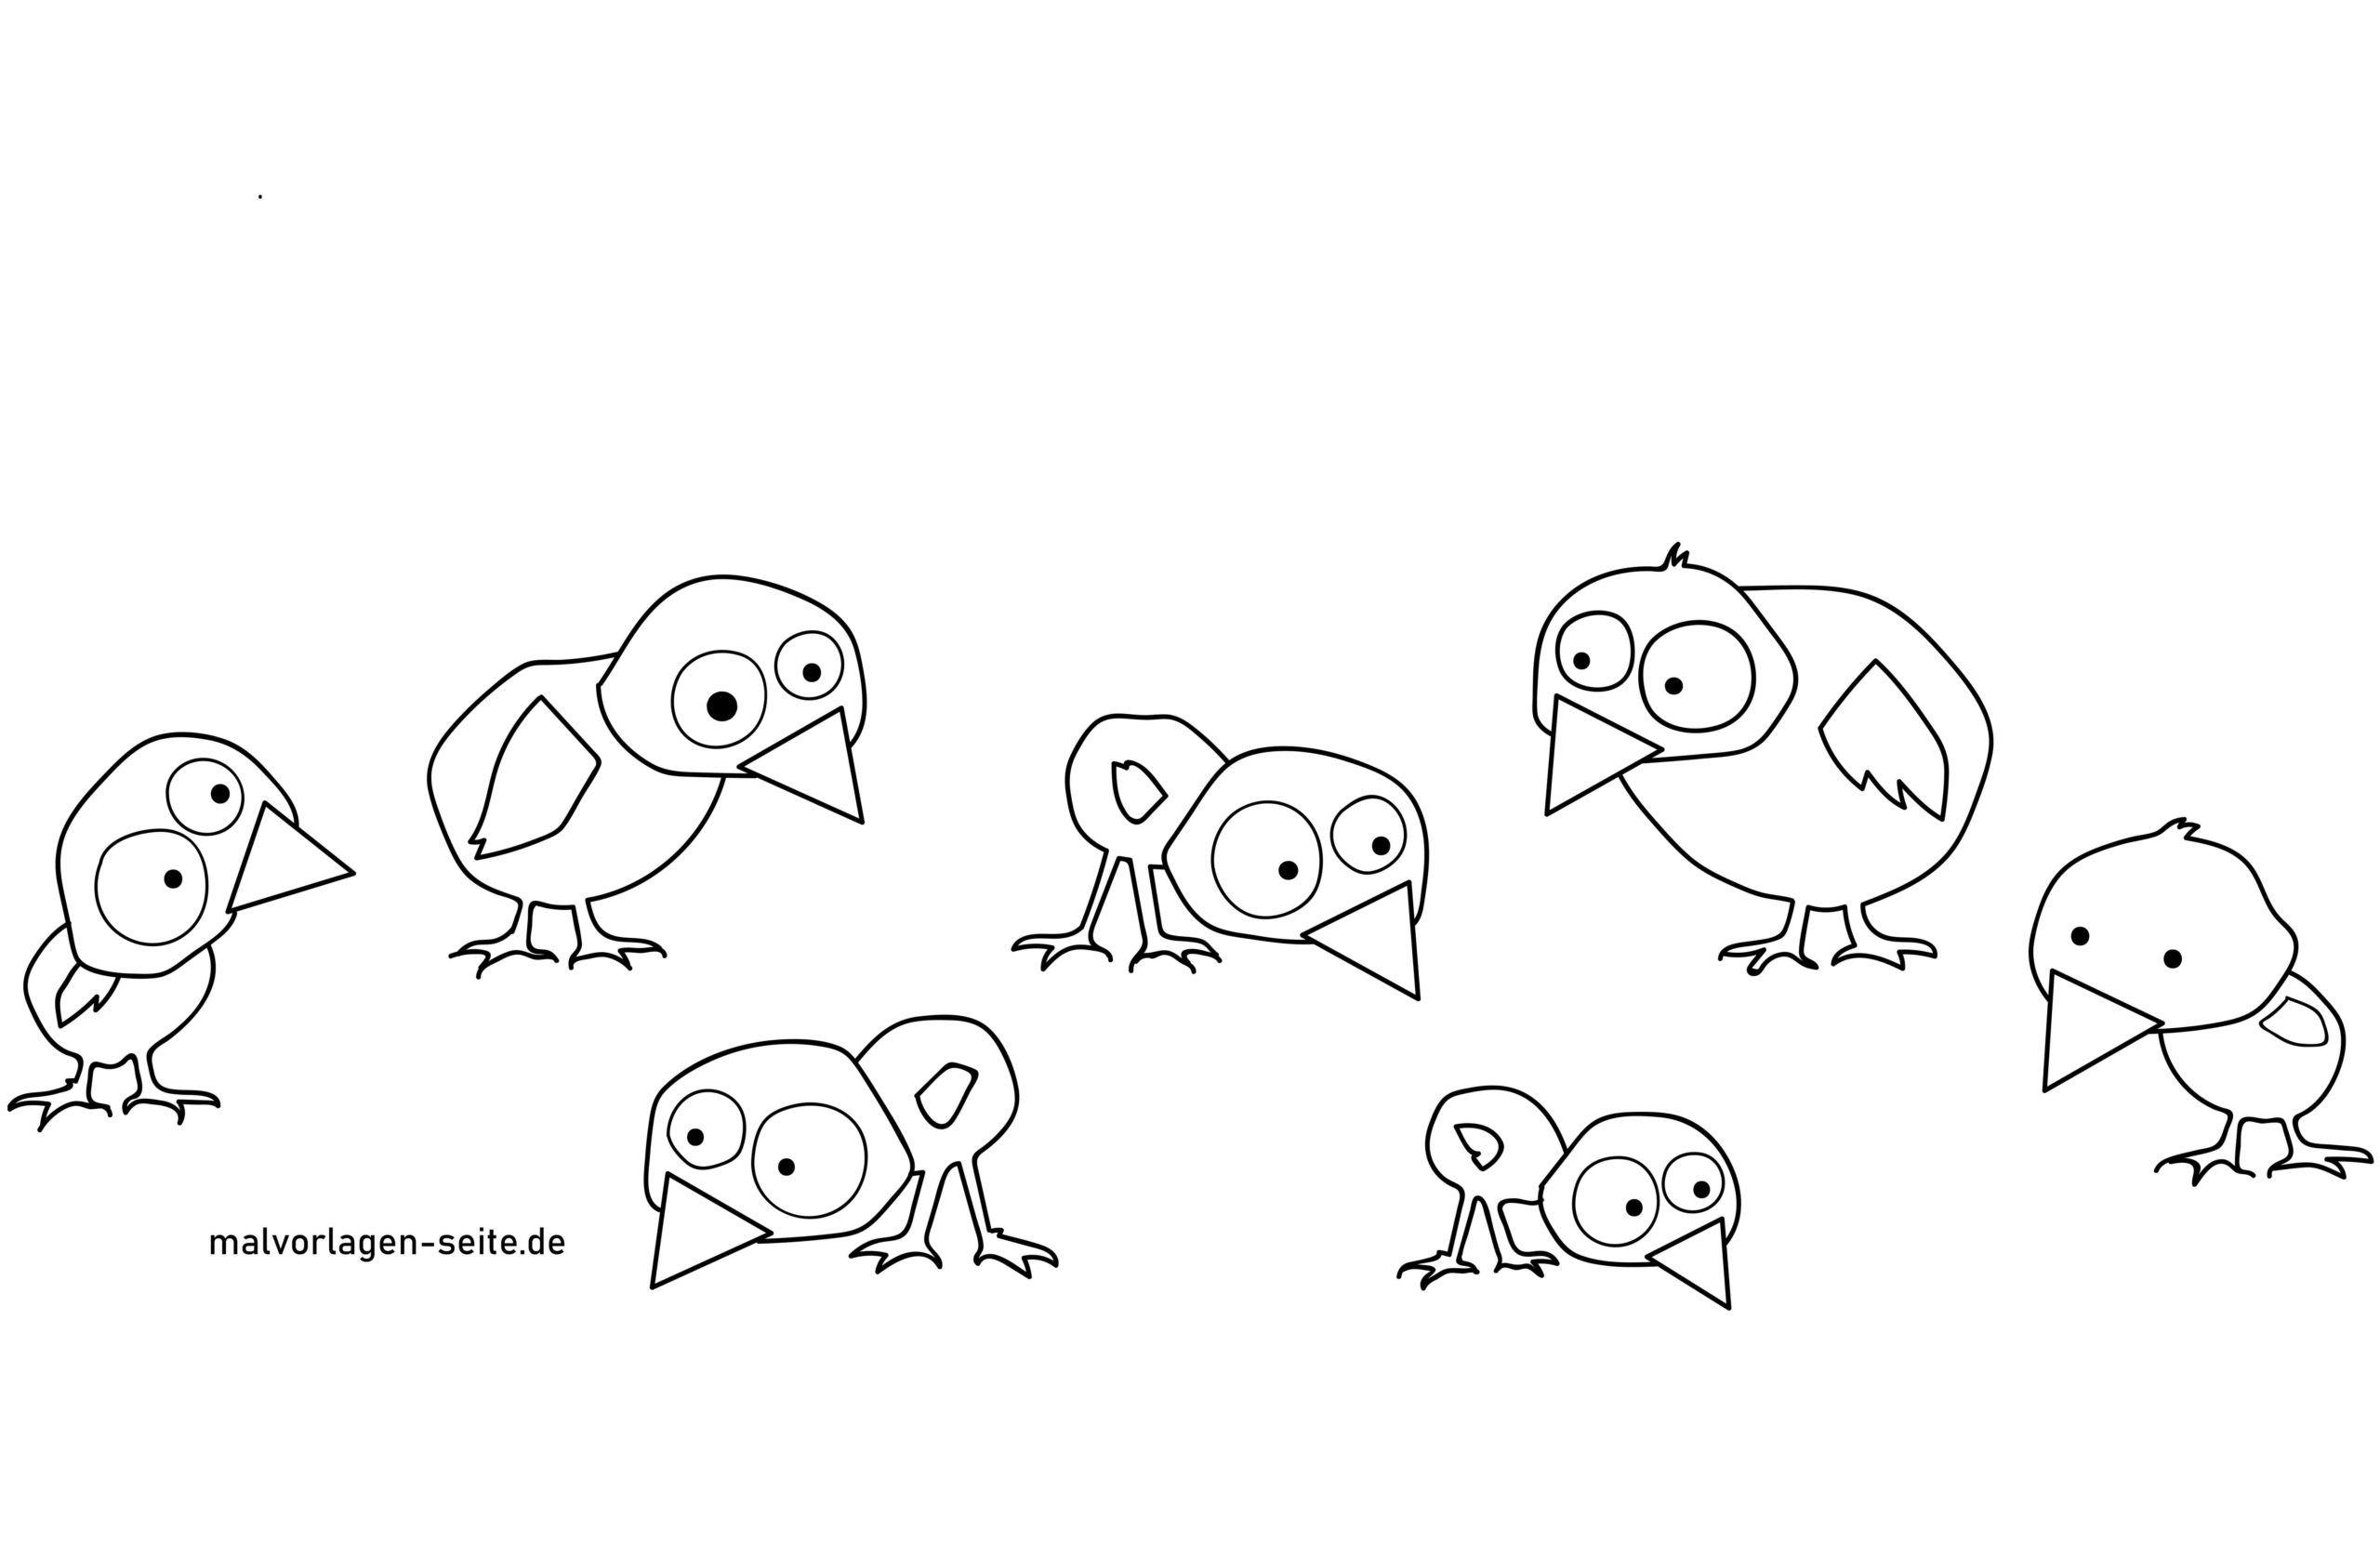 Malvorlage Vögel stilisiert - Kostenlose Ausmalbilder